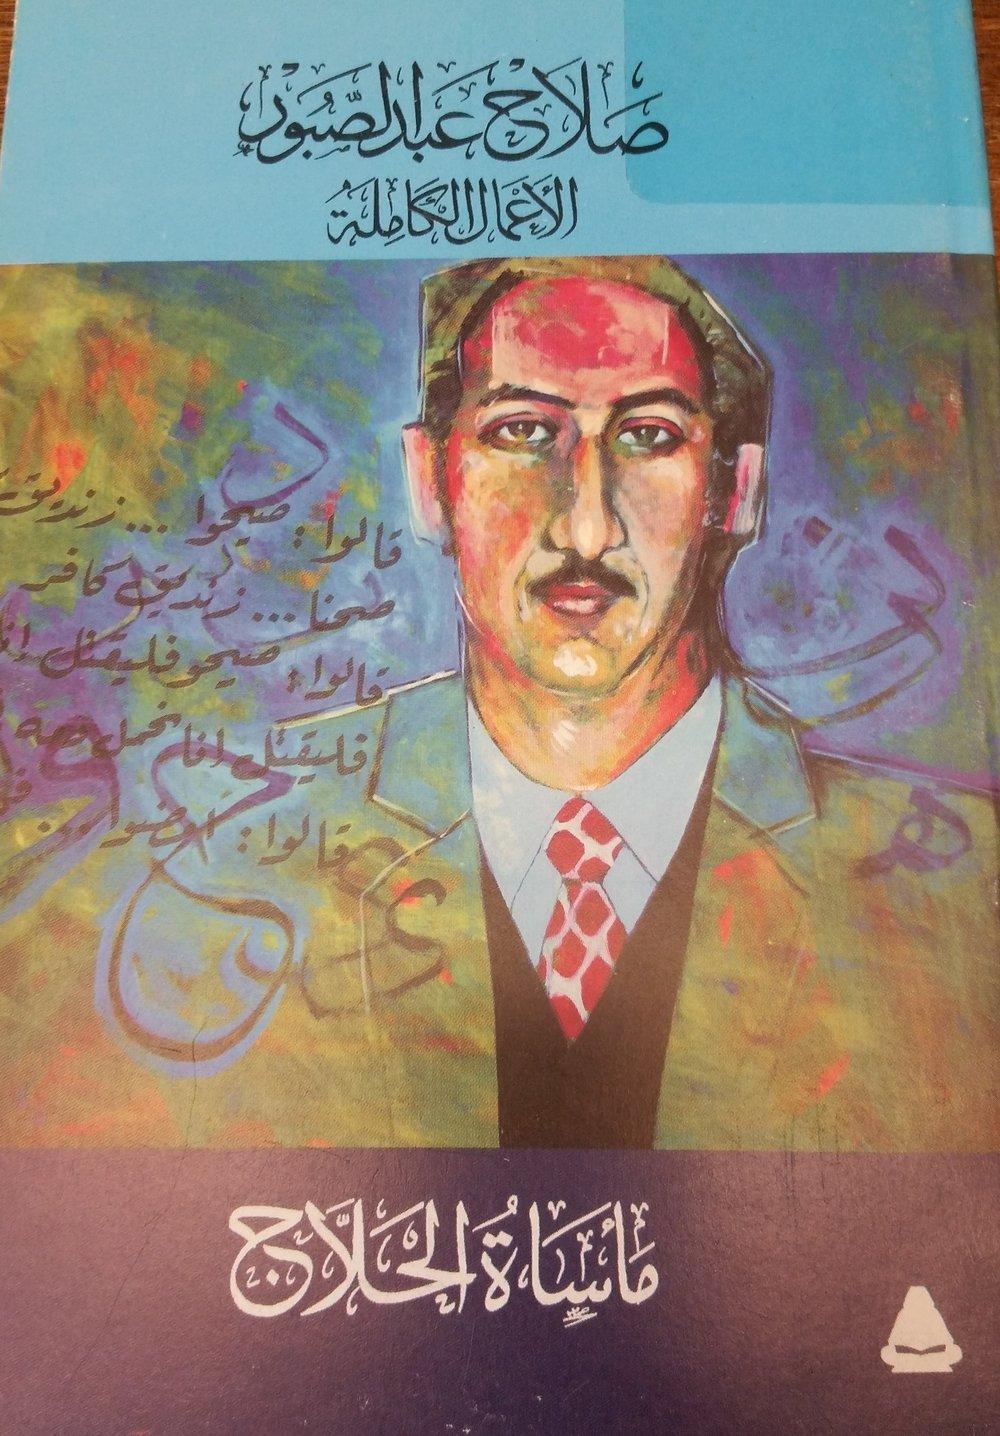 Ṣalāḥ ʿAbd al-Ṣabūr's Maʾsāt al-Ḥallāj (al-Qāhirah : al-Hay'ah al-Miṣrīyah al-ʻĀmmah lil-Kitāb, 2012